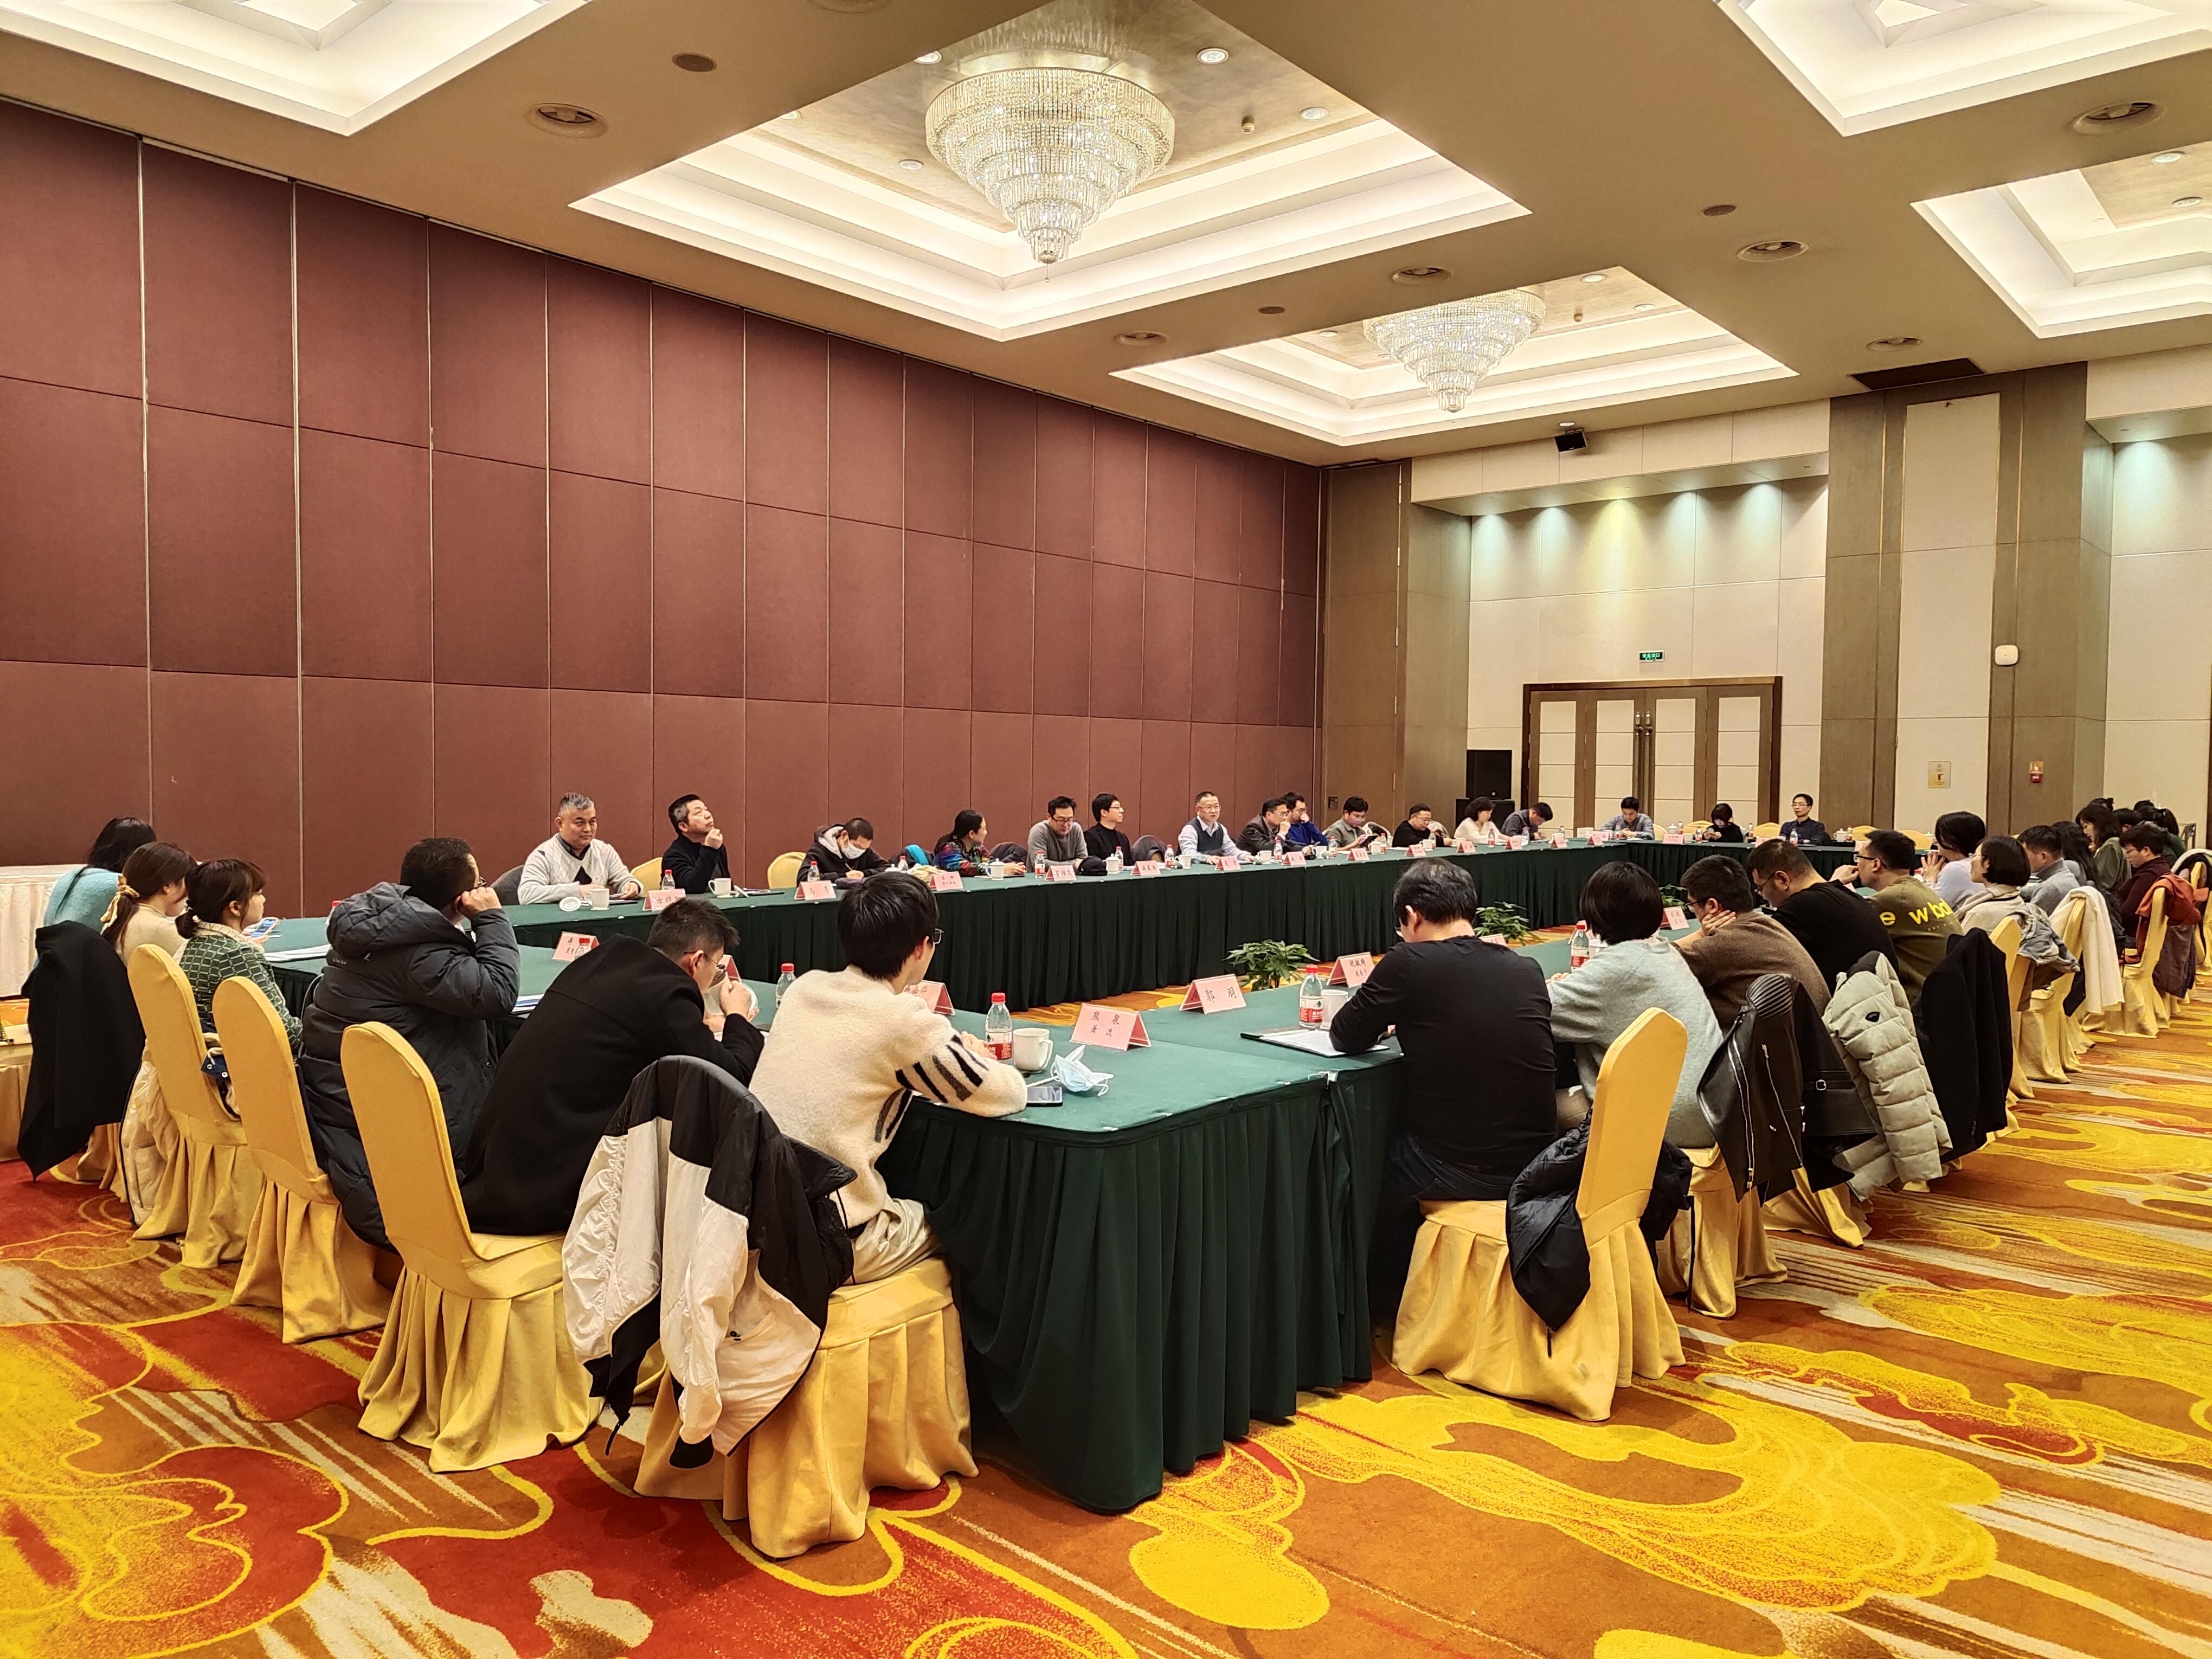 省网络作协召开第二届理事会第二次会议